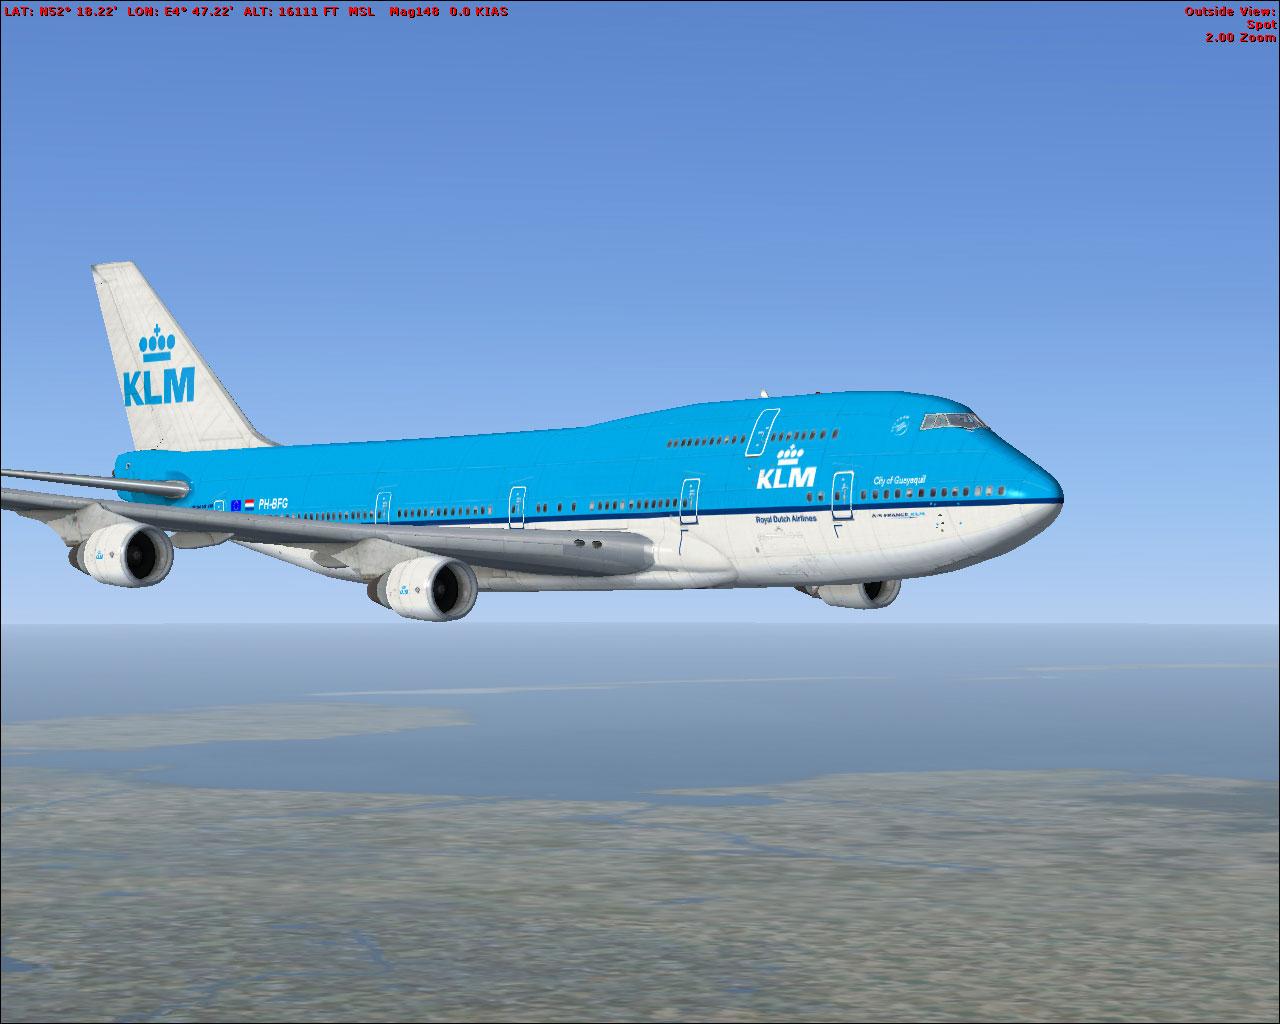 Fsx Wallpaper Hd Klm Boeing 747 400 Repaint For Fsx